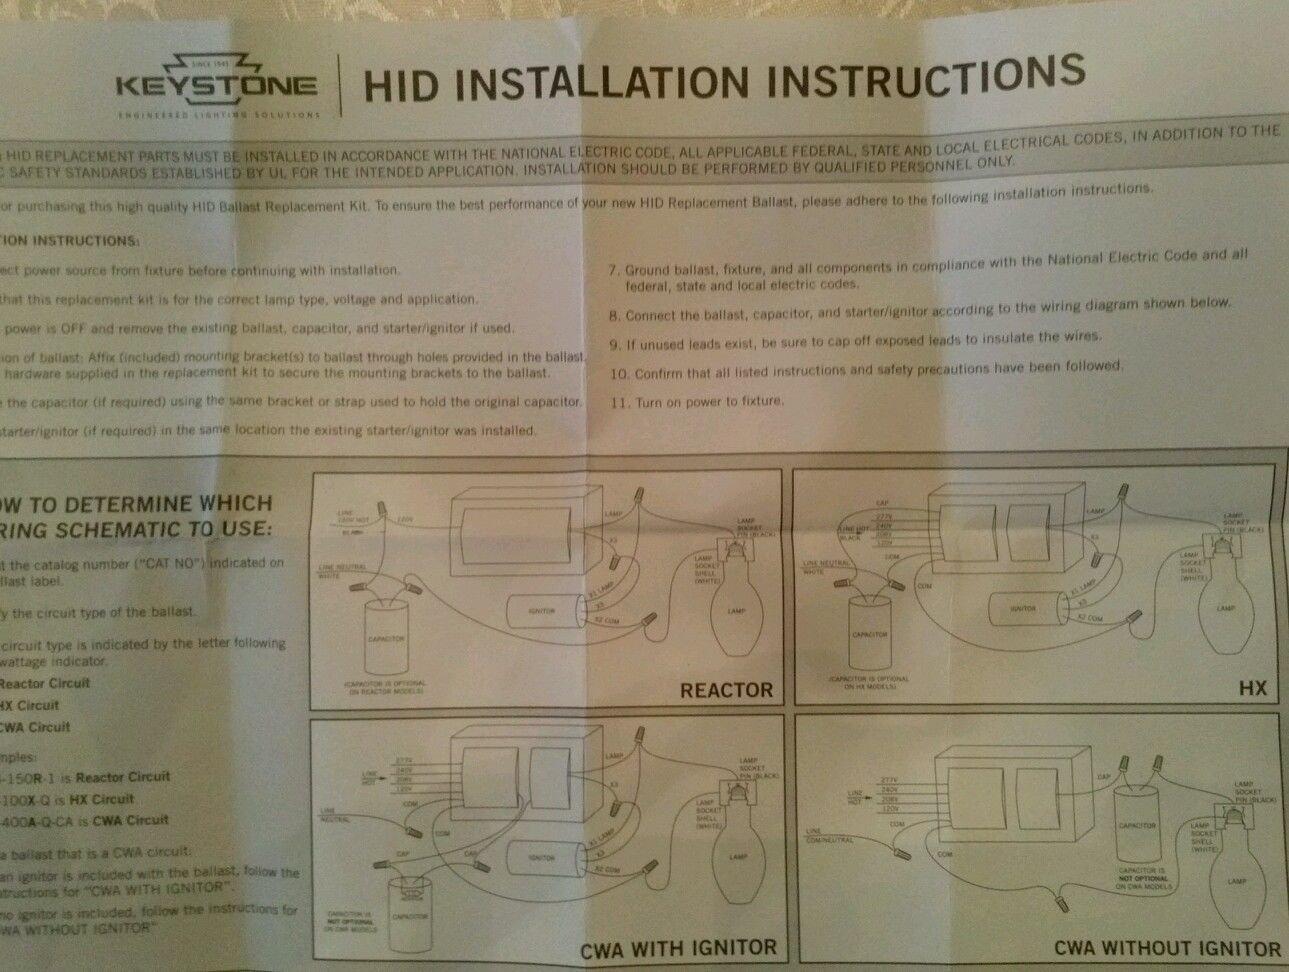 Keystone Technologies Mh 100x Q Kit Metal Halide Ballast Quad Tap 480 Volt Wiring Diagram 100w 303335